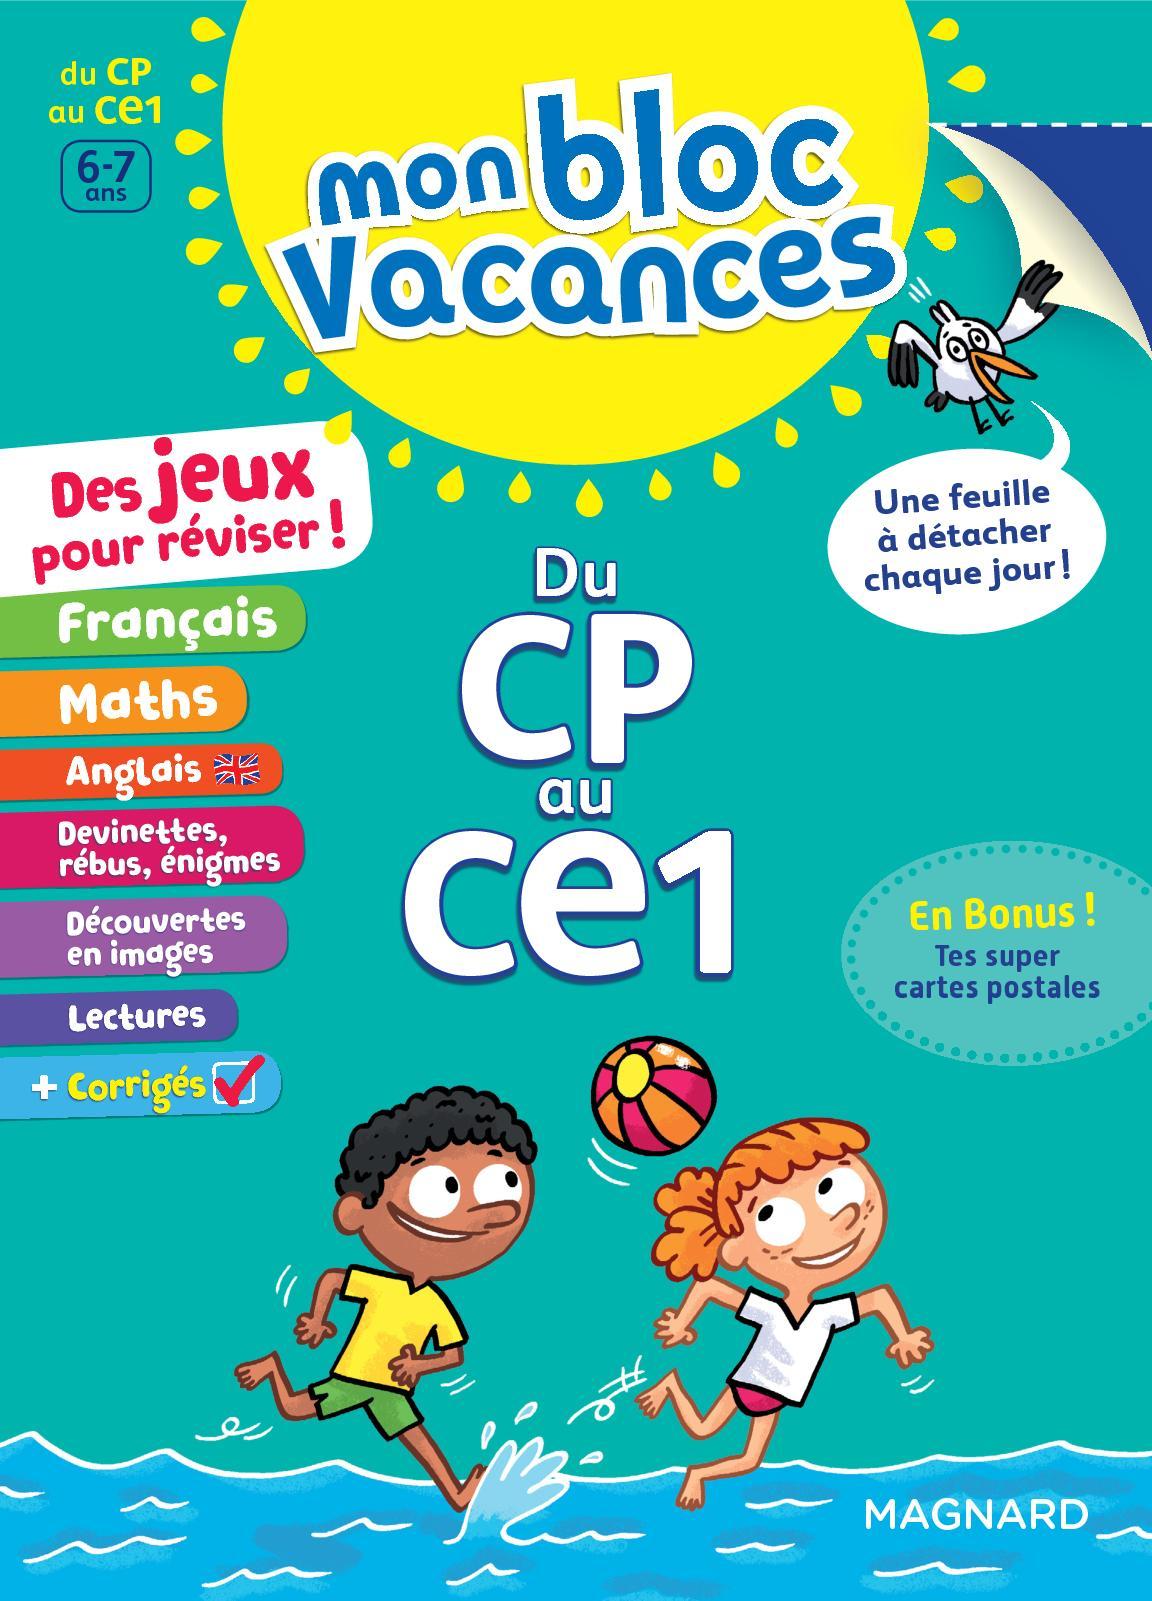 Calaméo - Extrait Bloc Vacances Cp-Ce1 concernant Jeux De Rebus